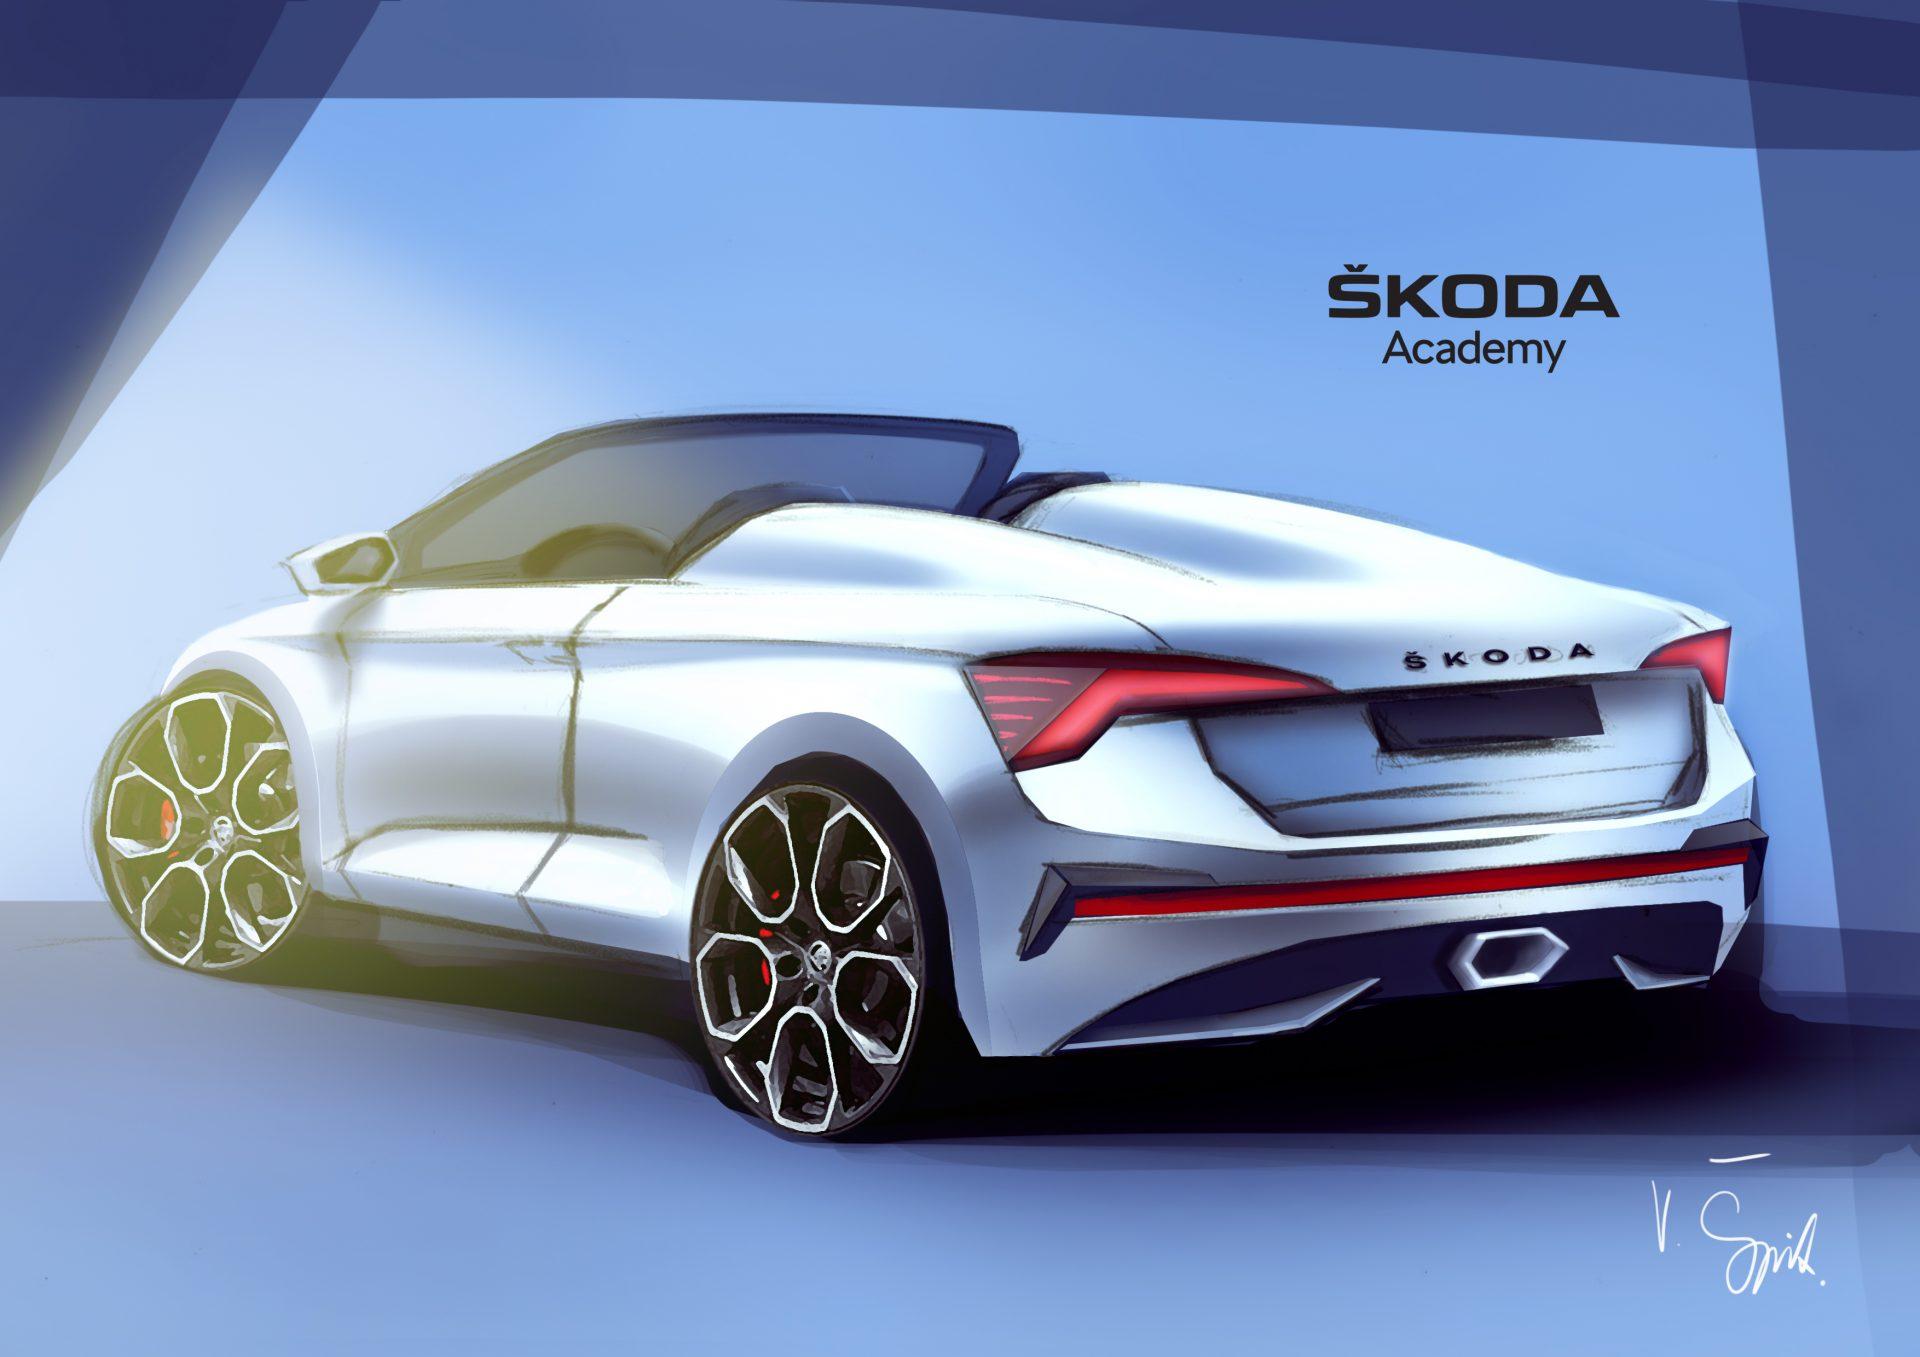 SKODA Academy concept car